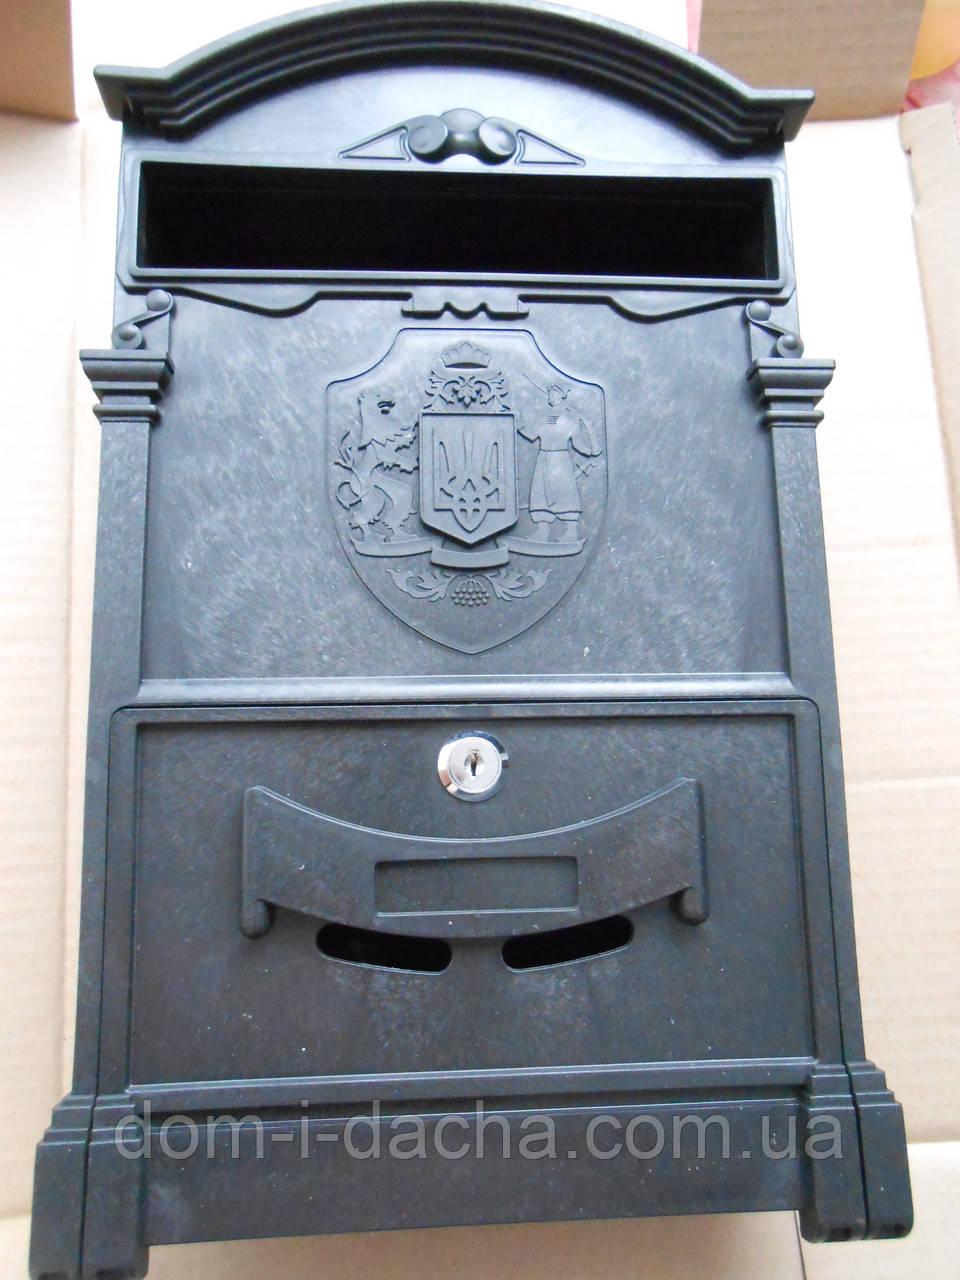 Поштова скринька з Тризубом